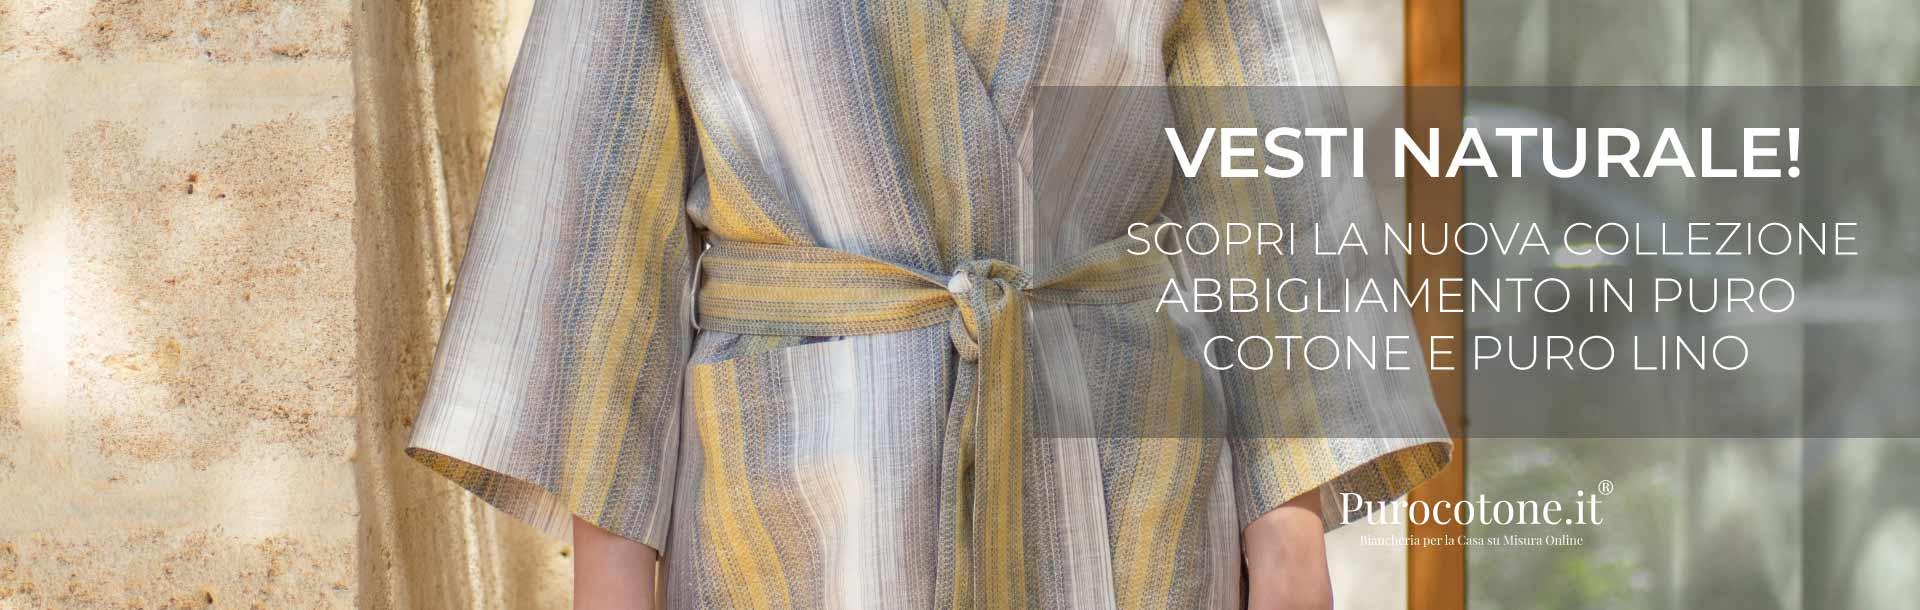 La nuova Linea Abbigliamento di Purocotone.it